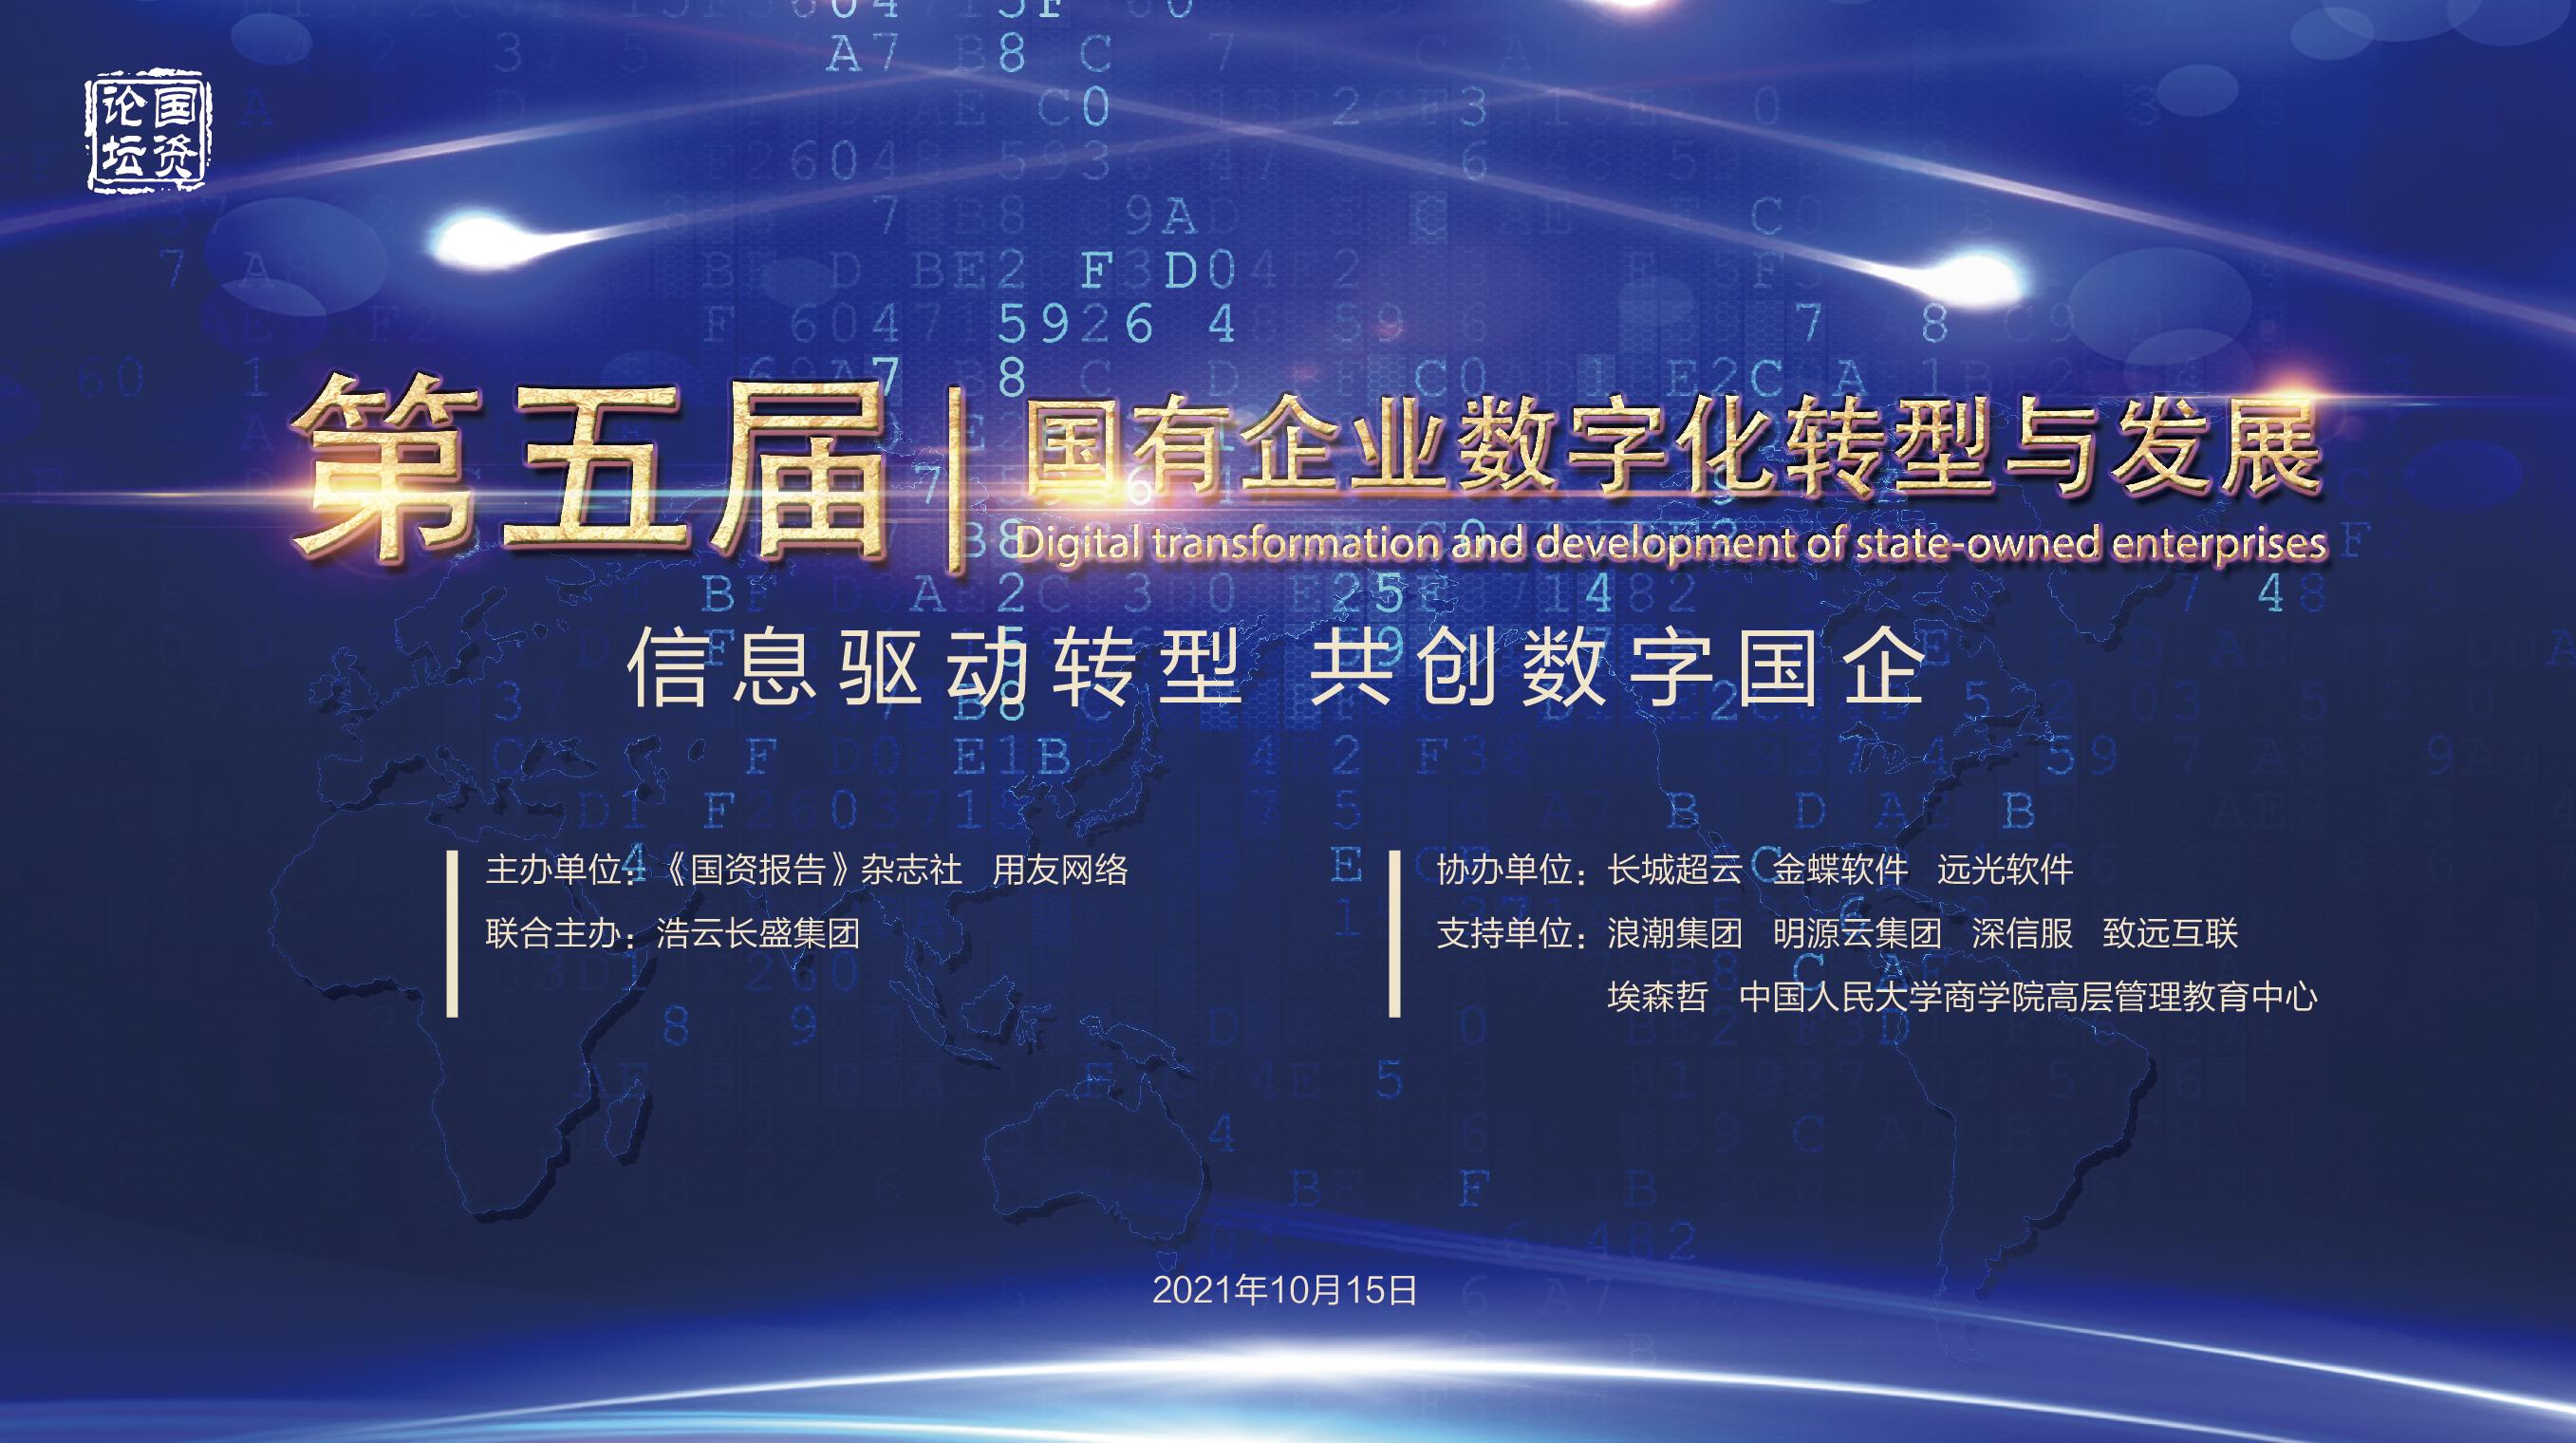 浩云长盛联合主办第五届国有企业数字化转型与发展研讨会